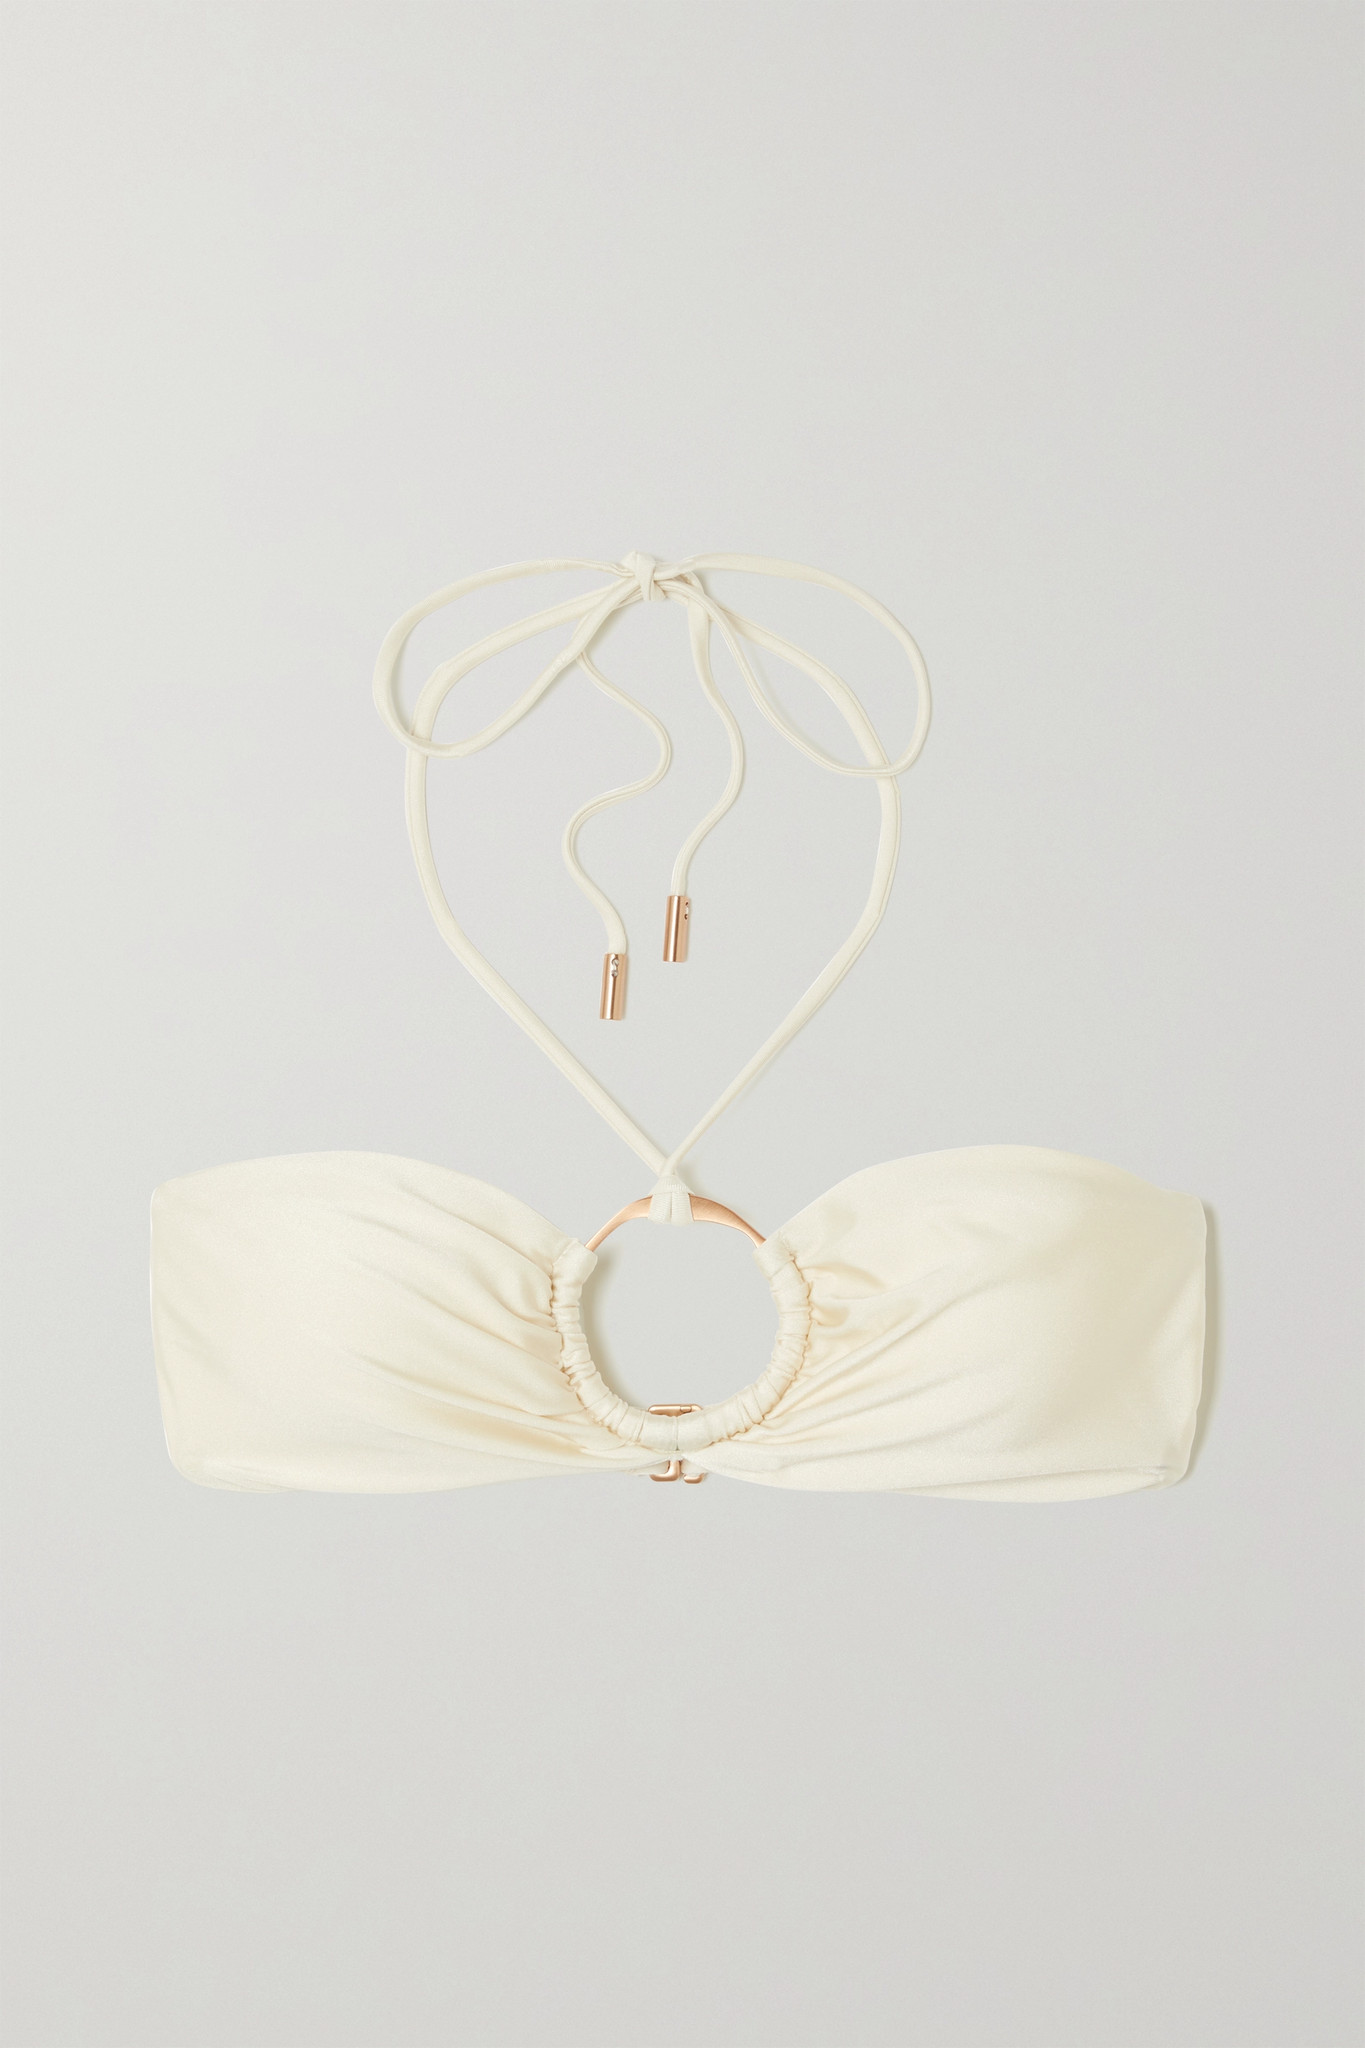 CULT GAIA - Myra 带缀饰挂脖比基尼上装 - 米白色 - medium